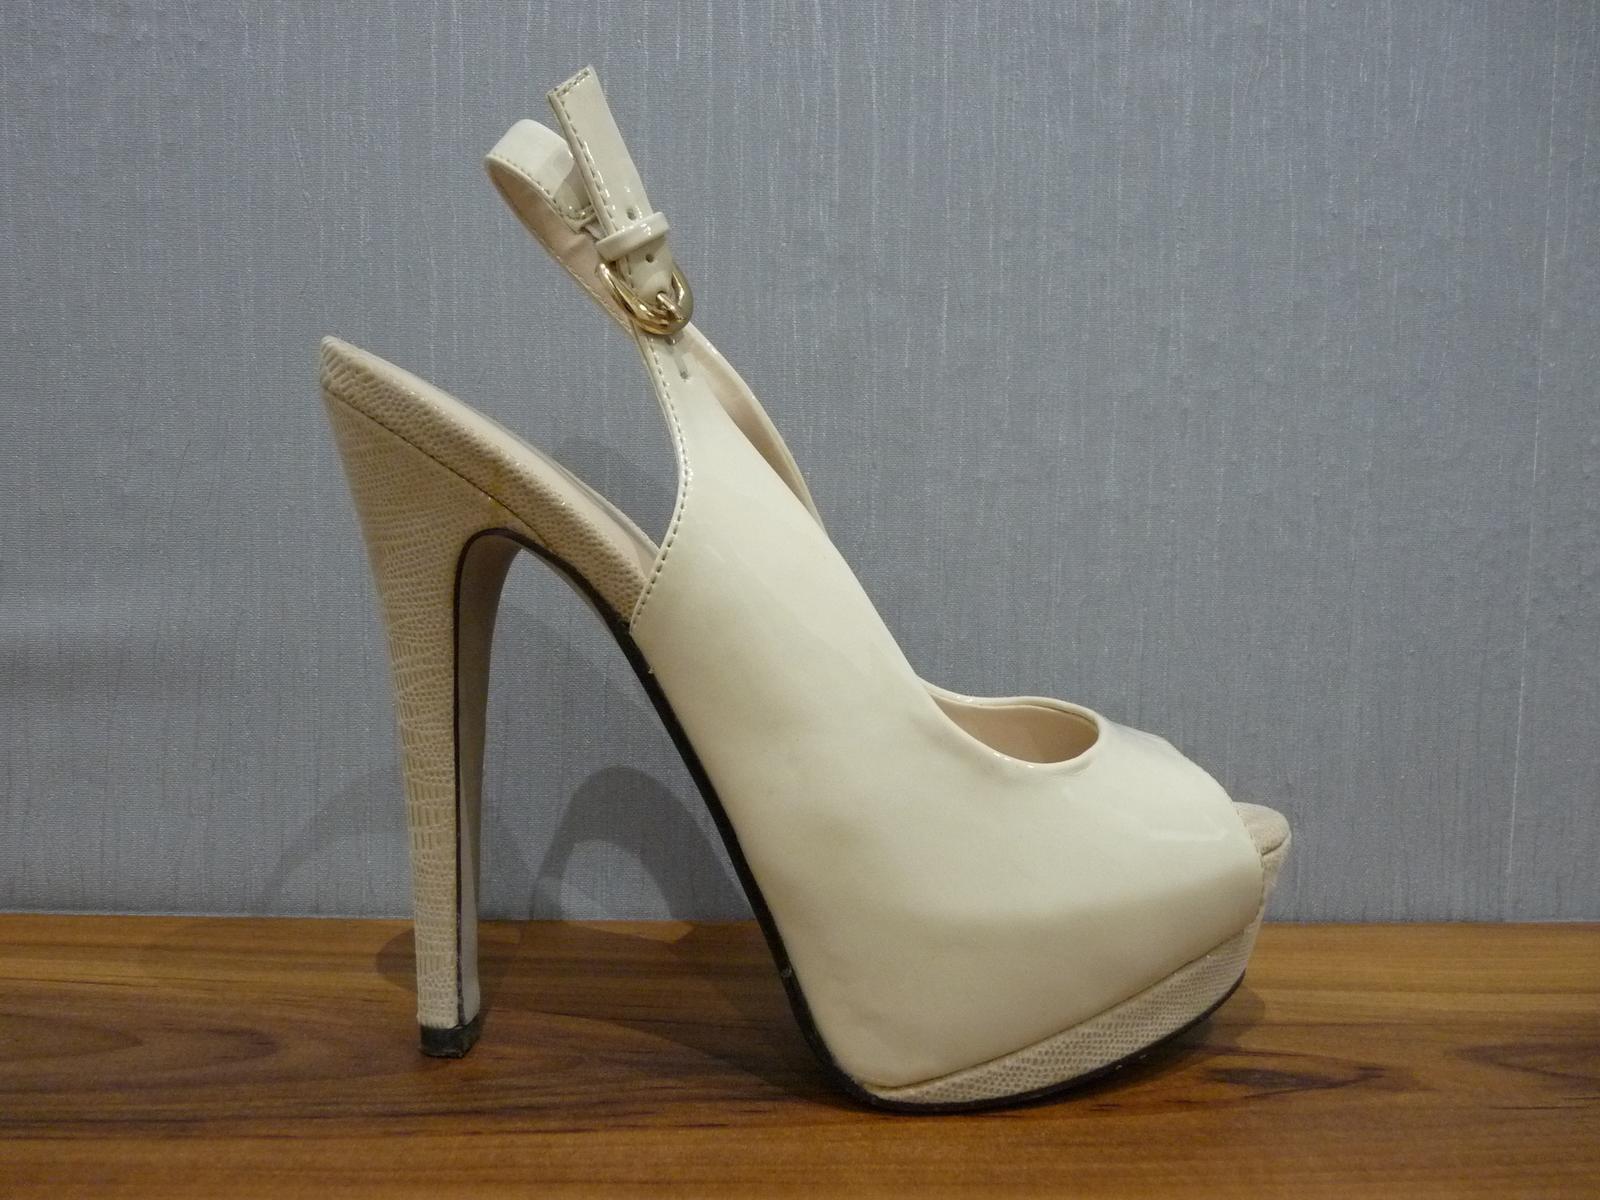 Krémové lakované sandálky s otvor. špičkou/pätou - Obrázok č. 1